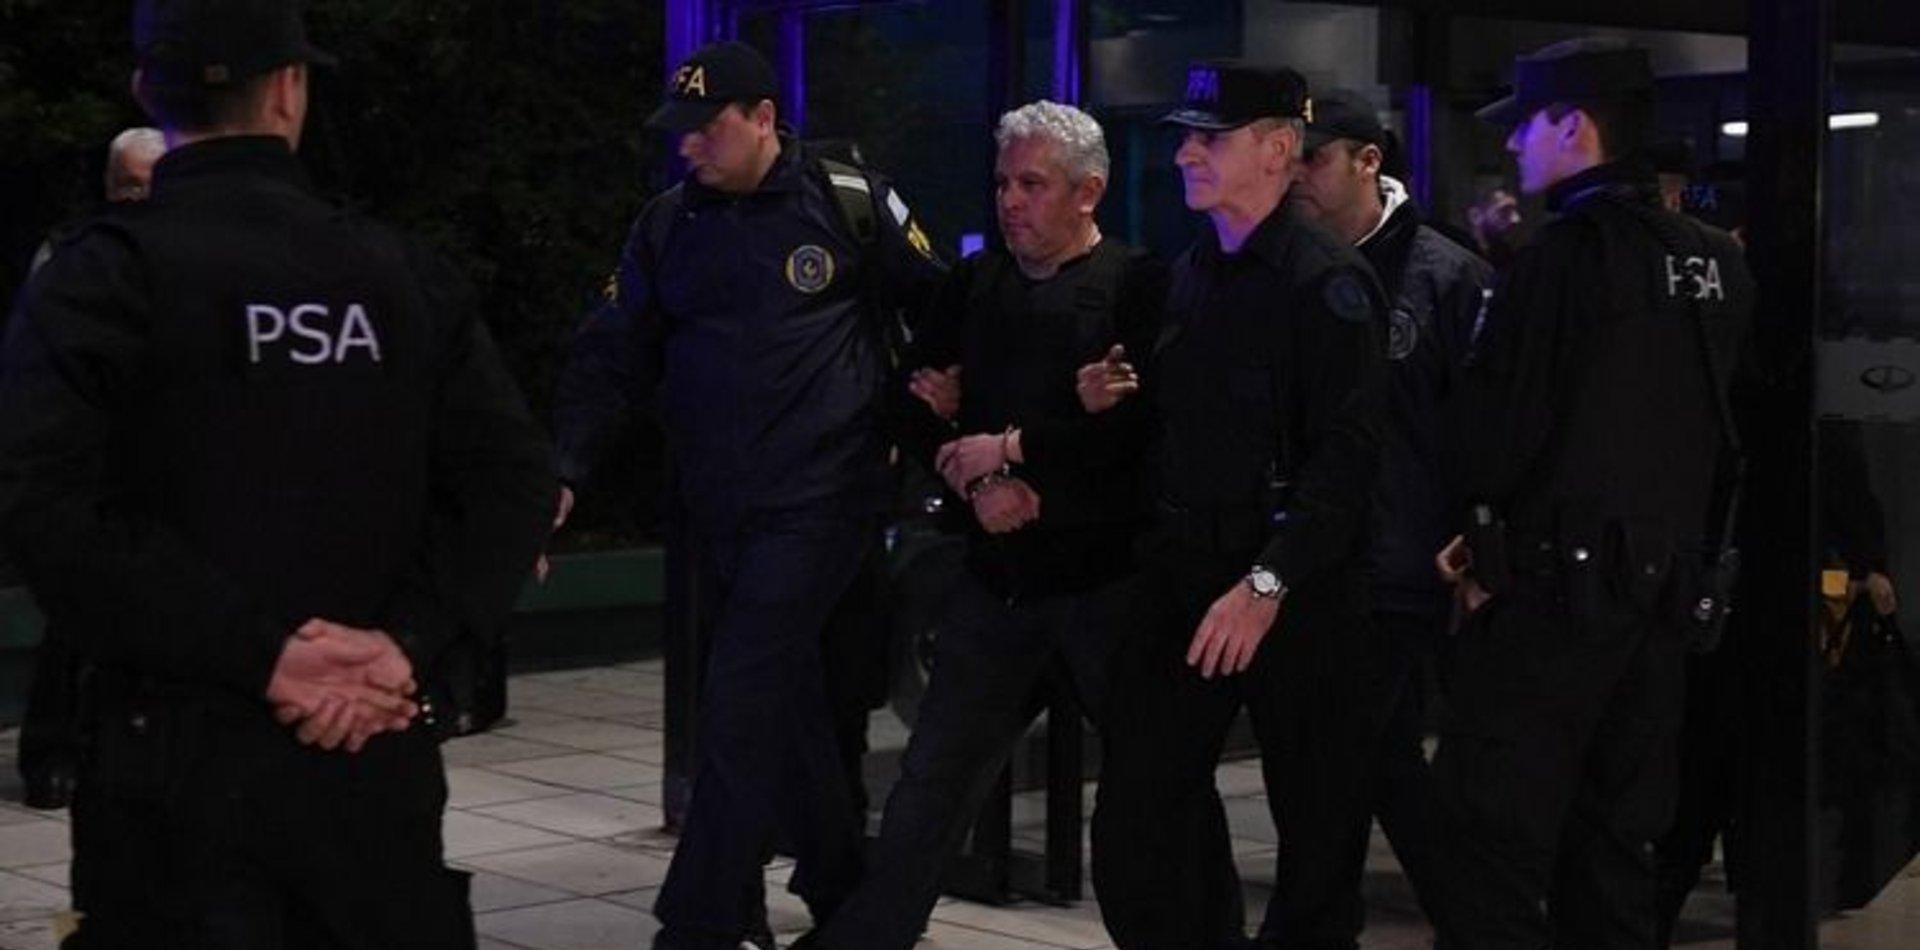 Encontraron el cuerpo del ex secretario de Cristina Kirchner y confesaron su asesinato